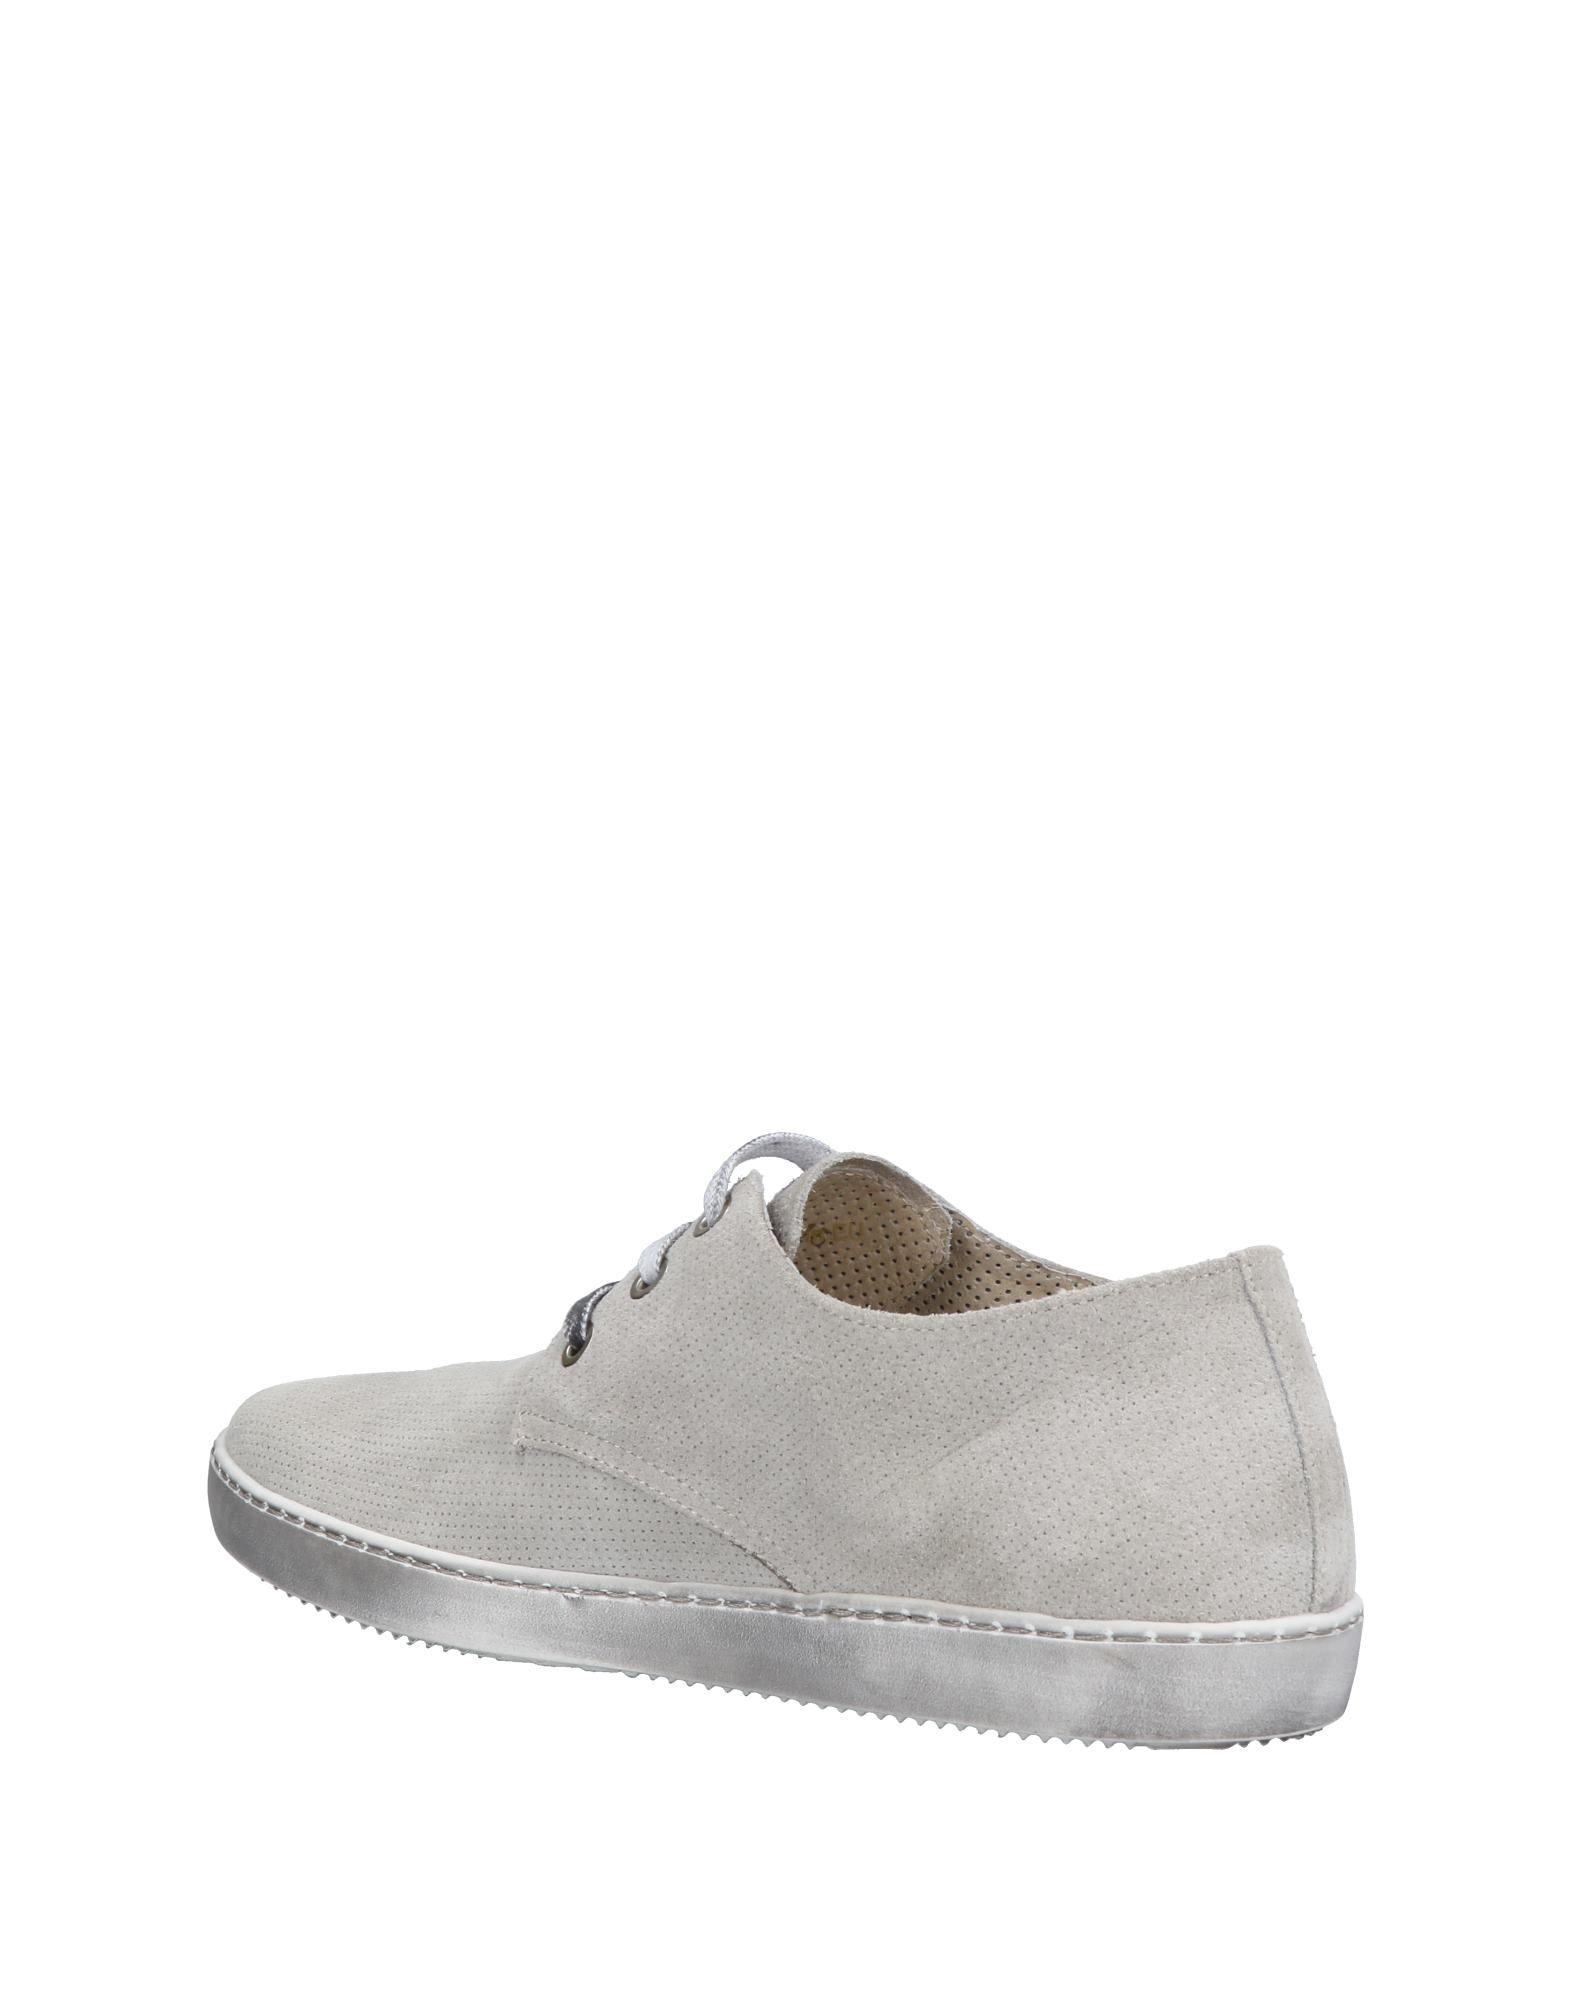 Damen Novelty Schnürschuhe Damen   11464182TE Heiße Schuhe b116f7